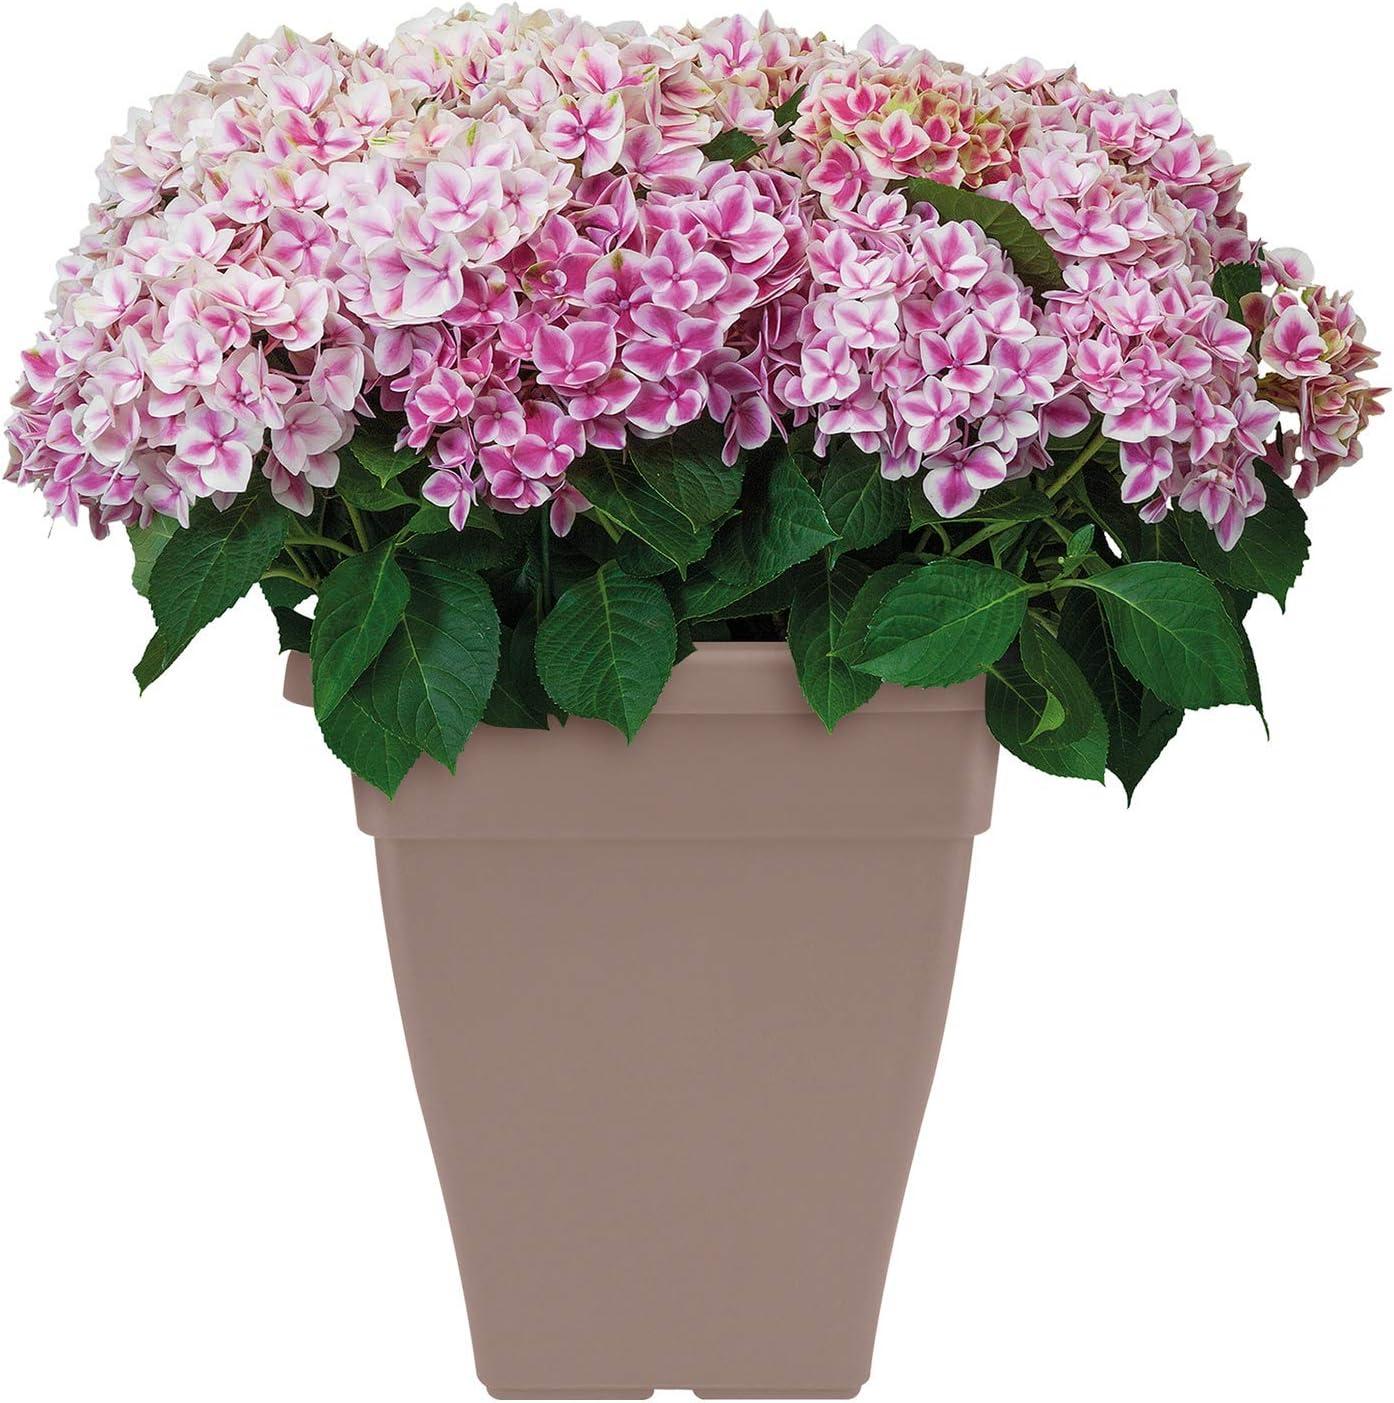 Elho Torino Campana Carr/é 46 /Ø 46.7 x H 40.5 cm Pot De Fleurs Ext/érieur Taupe